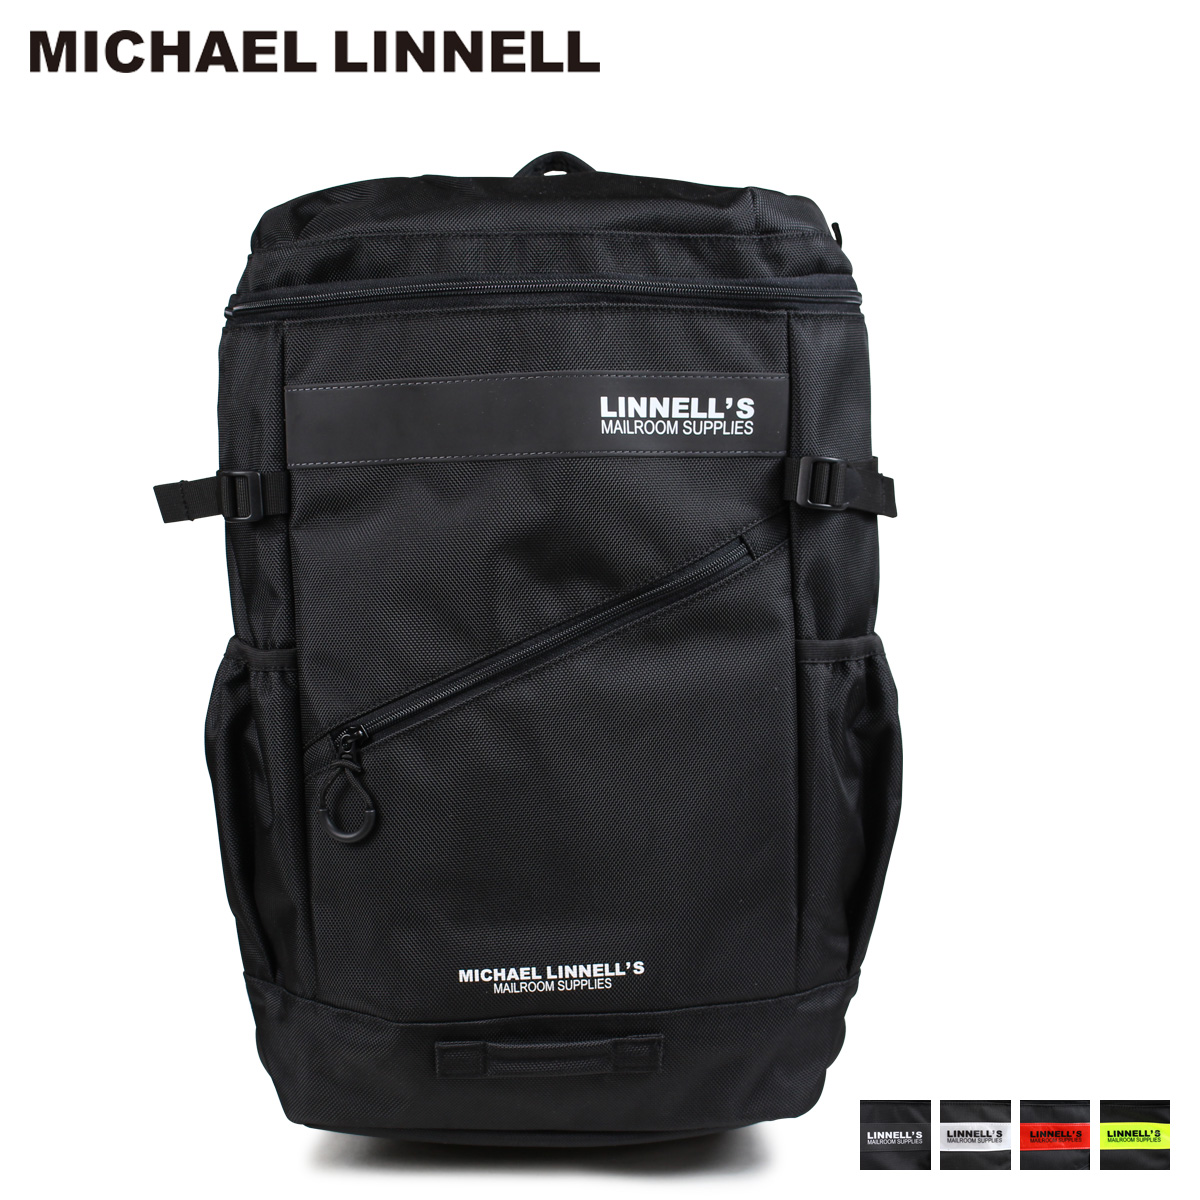 【最大2000円OFFクーポン】 マイケルリンネル MICHAEL LINNELL リュック バッグ 32L メンズ レディース バックパック BOX BACKPACK ML-020 [4/4 追加入荷]